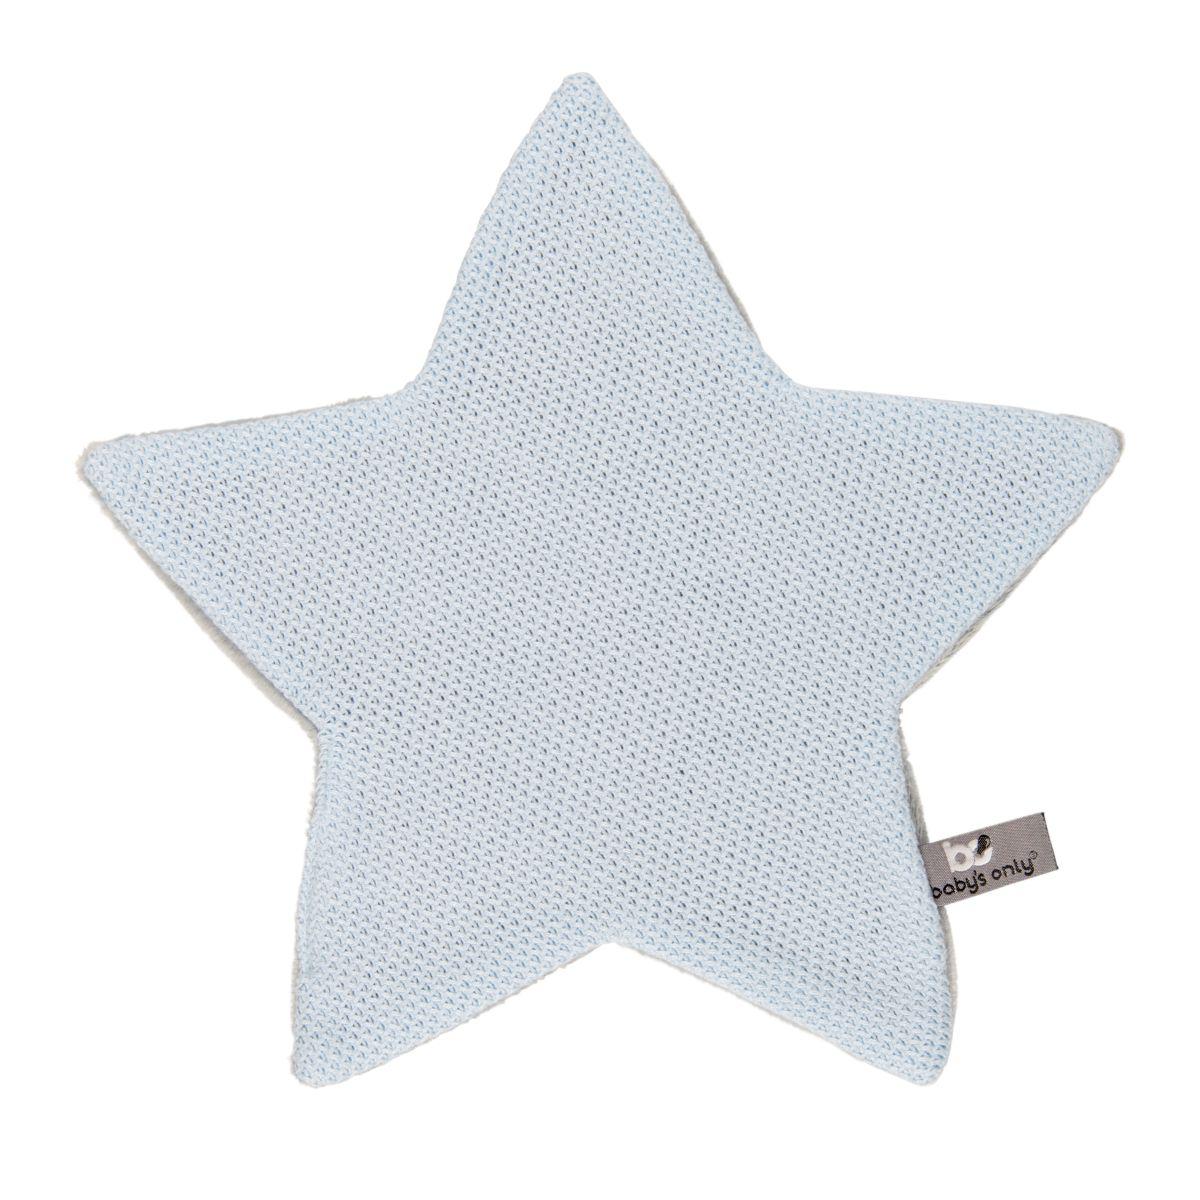 cuddle cloth star classic powder blue